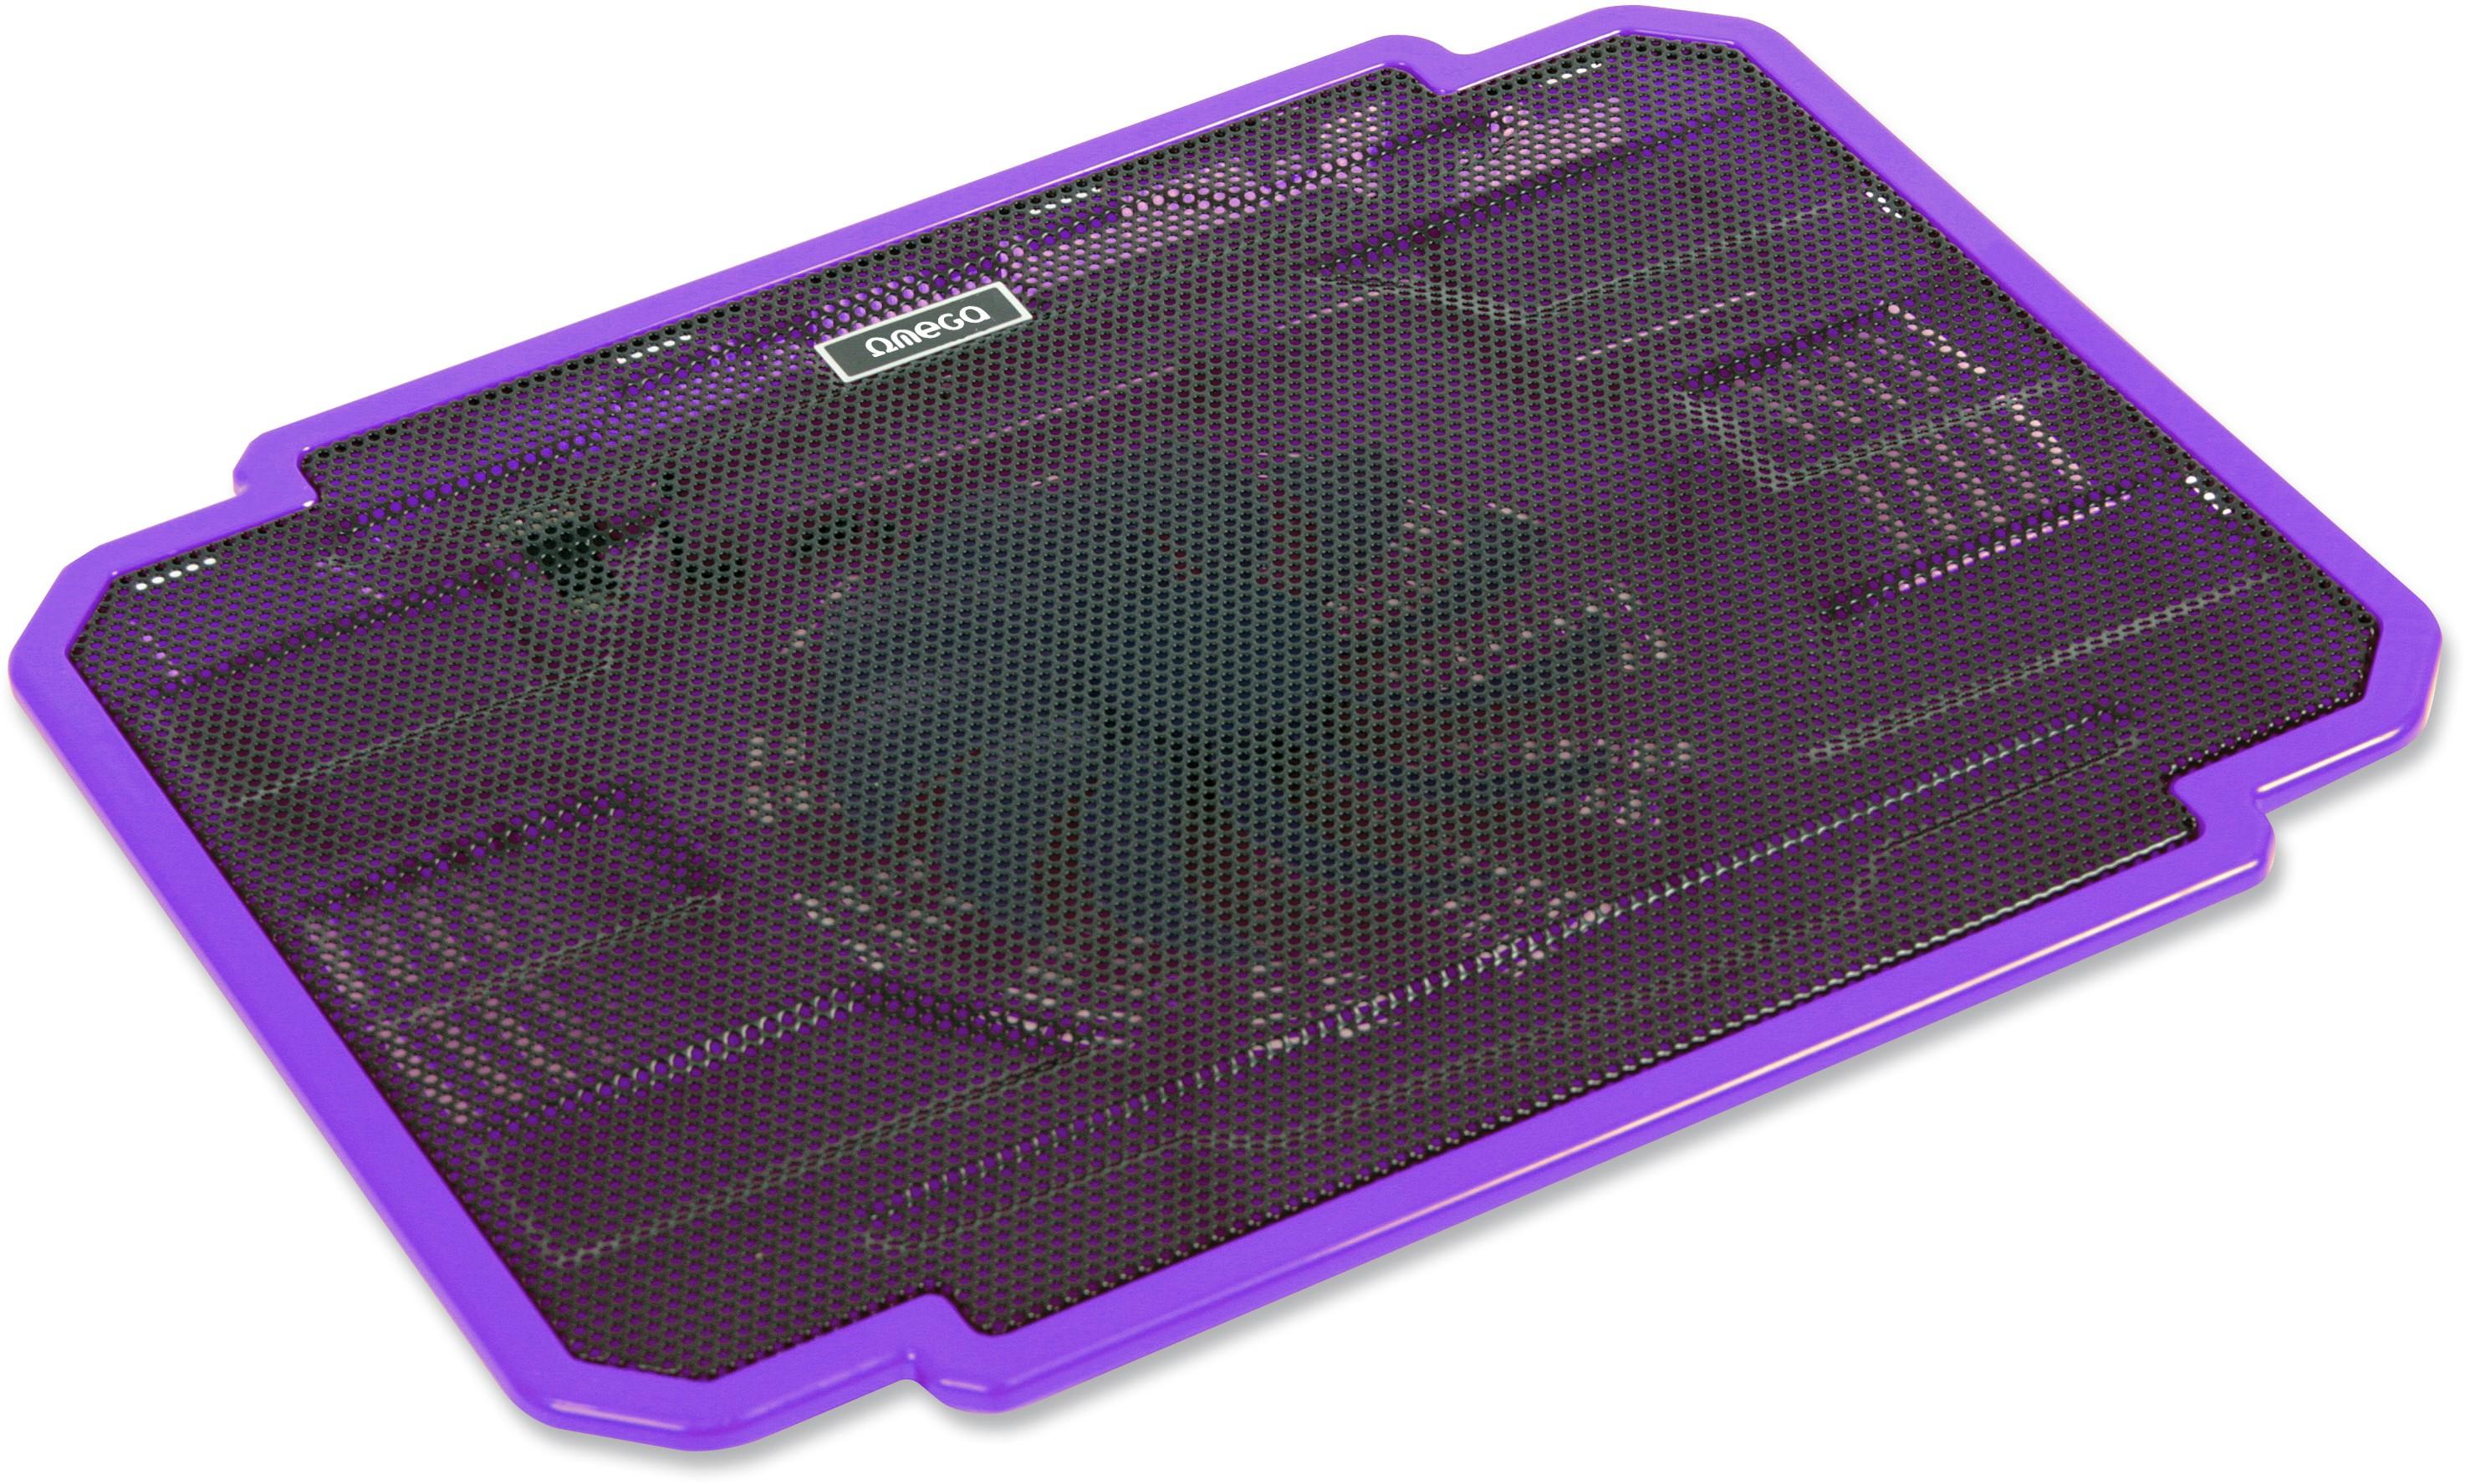 f67af93314a Omega sülearvuti jahutusalus Ice Box, lilla | | PATMAR